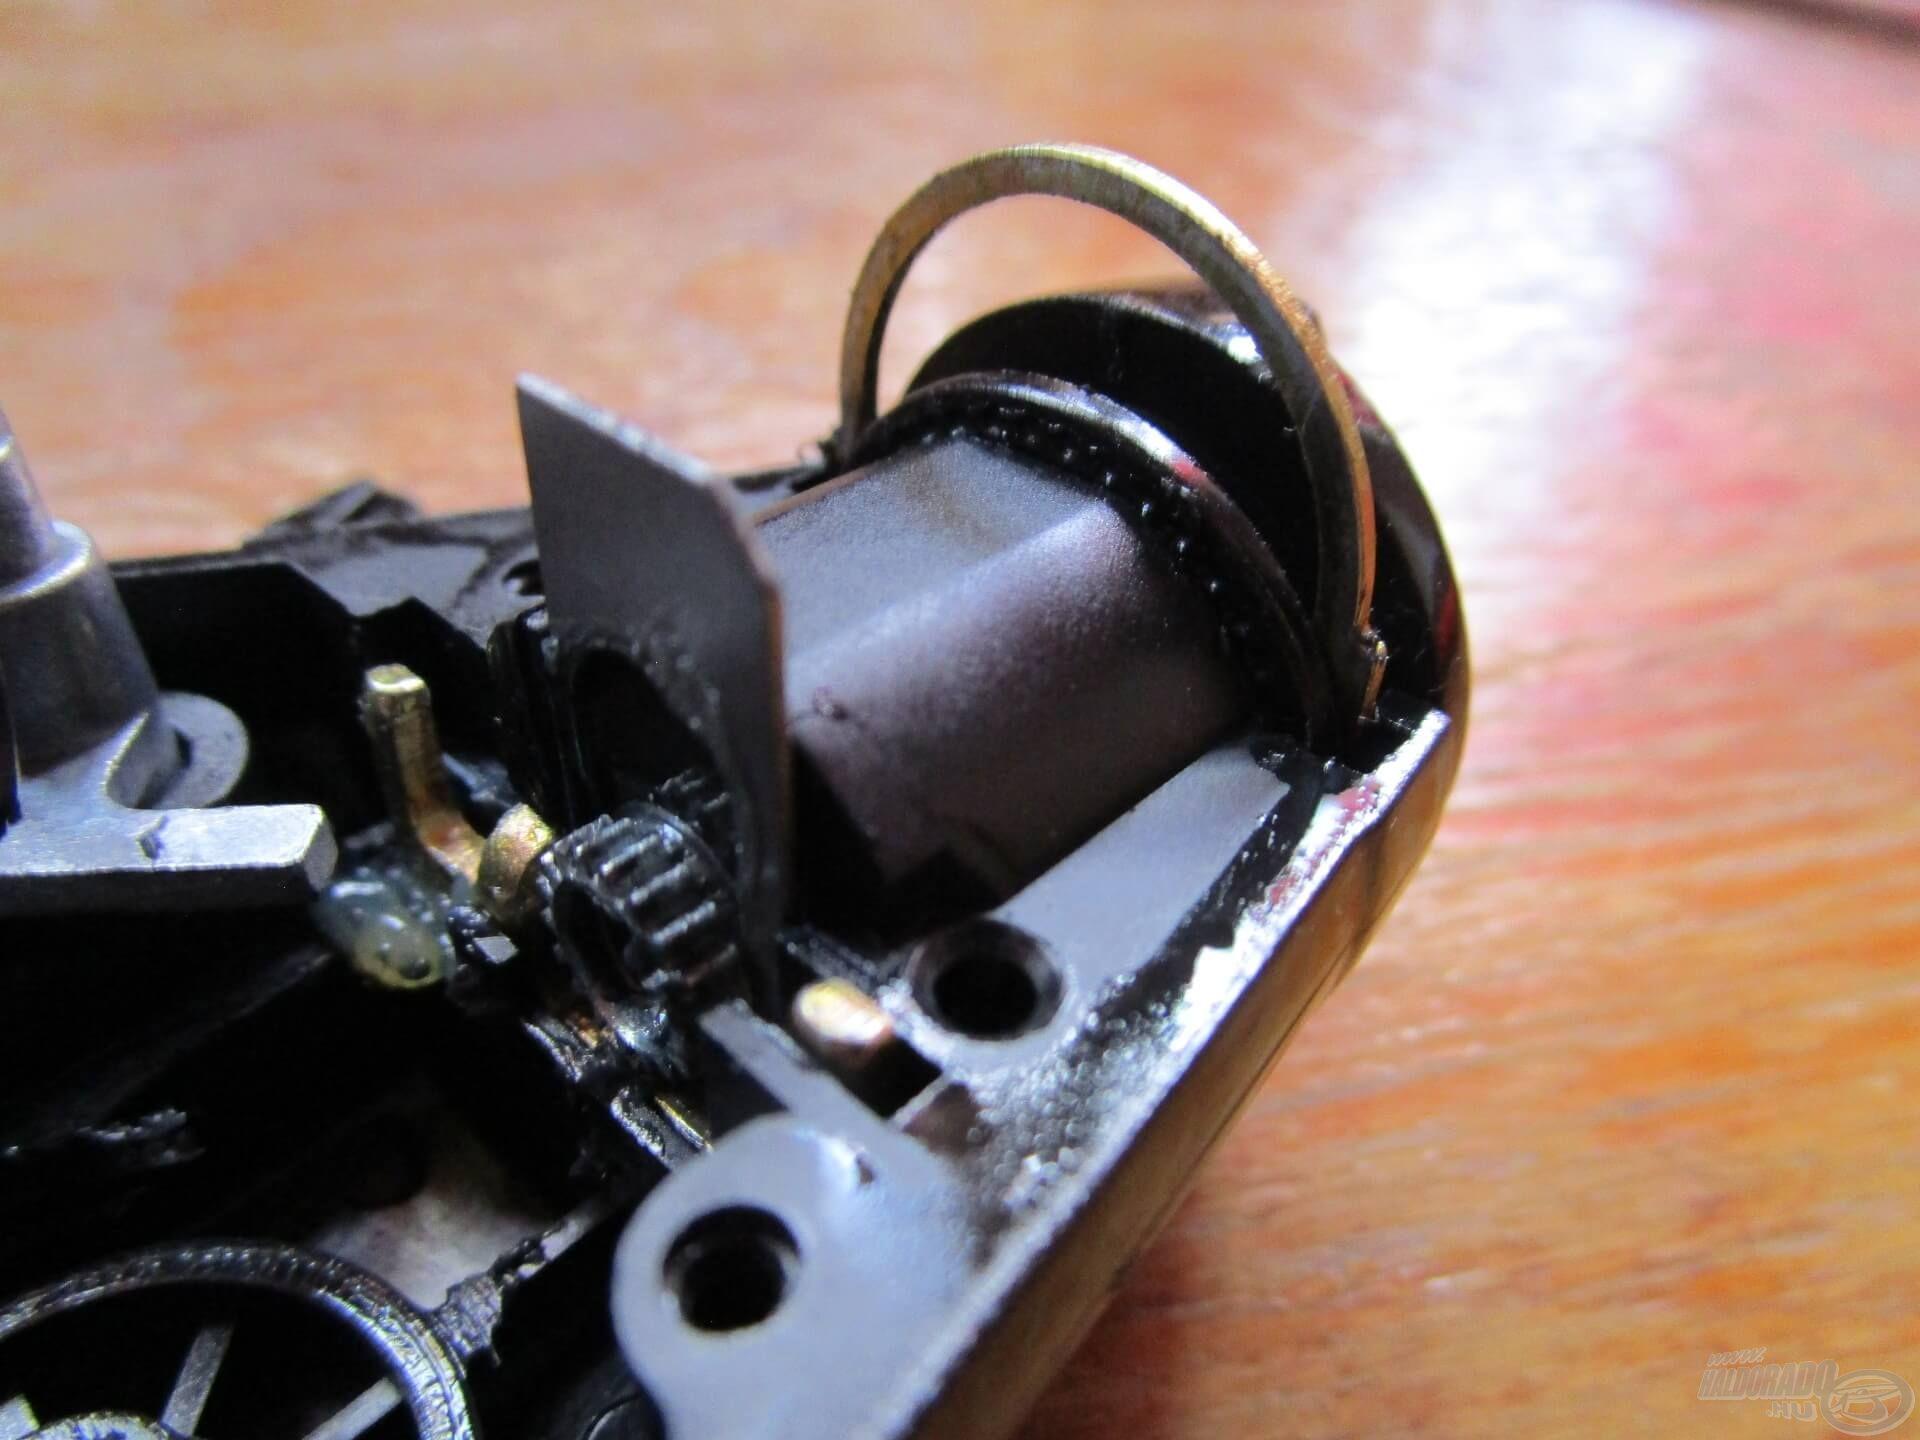 A nyeletőfék rendszer jól védett részen helyezkedik el, komolyabb karbantartást általában nem igényel